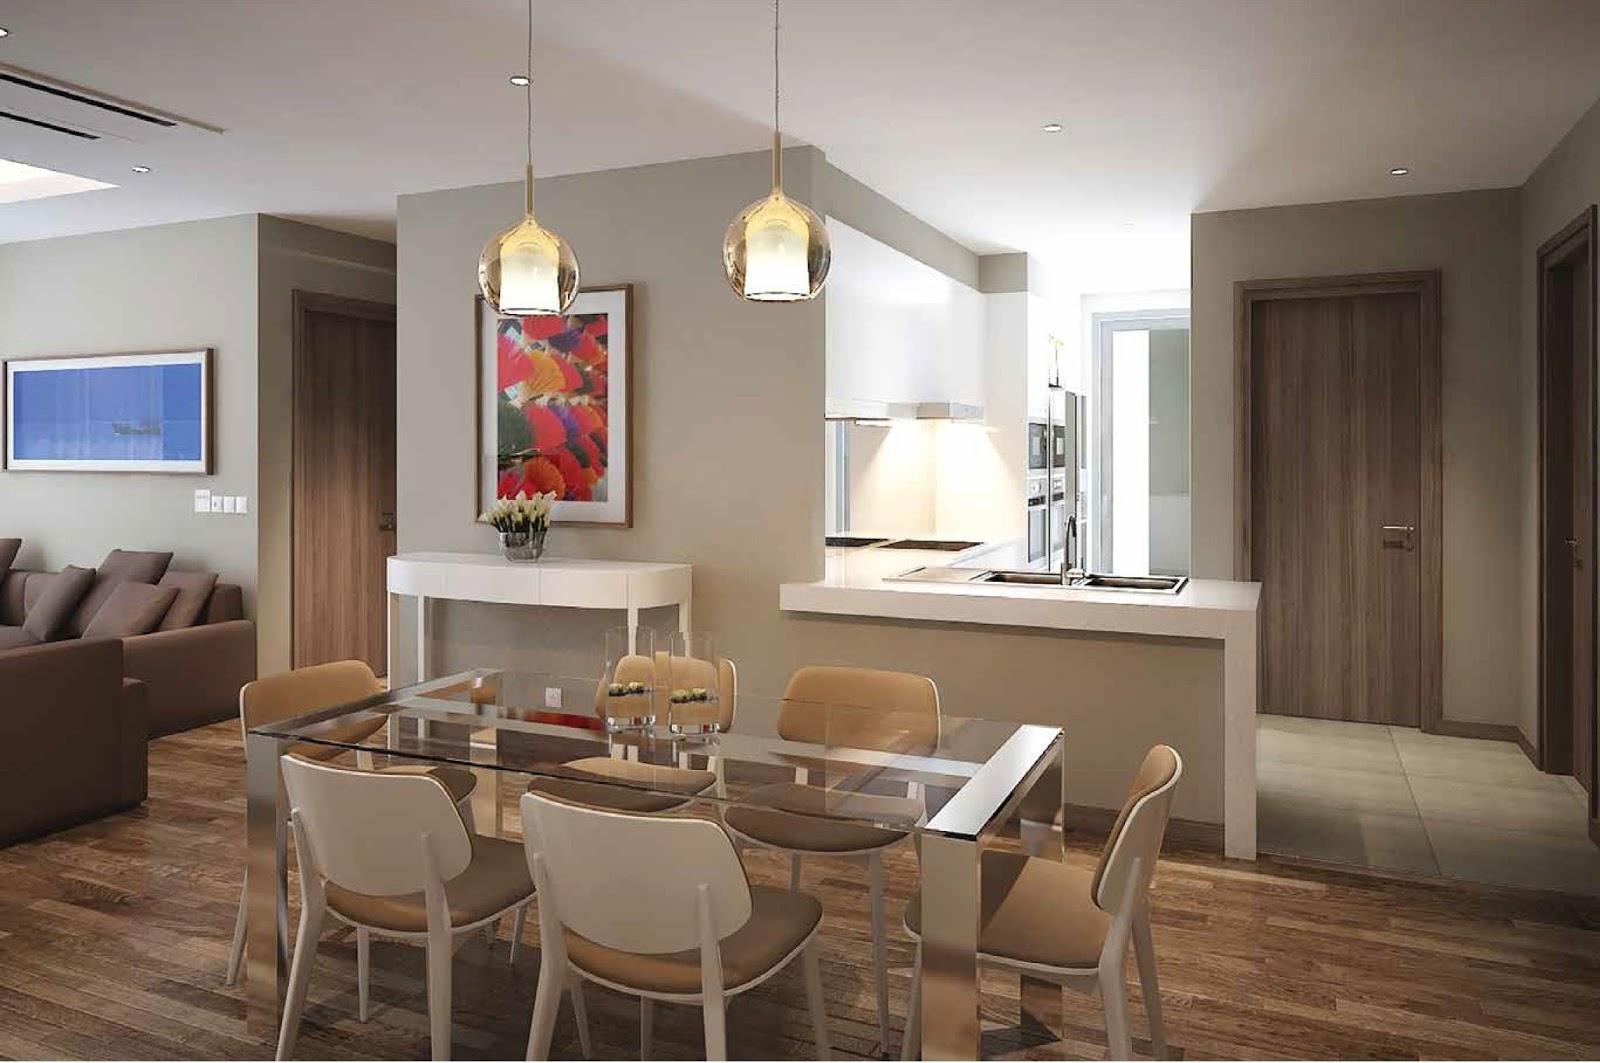 Thiết kế nội thất phòng khách chung cư Phú Mỹ Complex - sang trọng, hiện đại